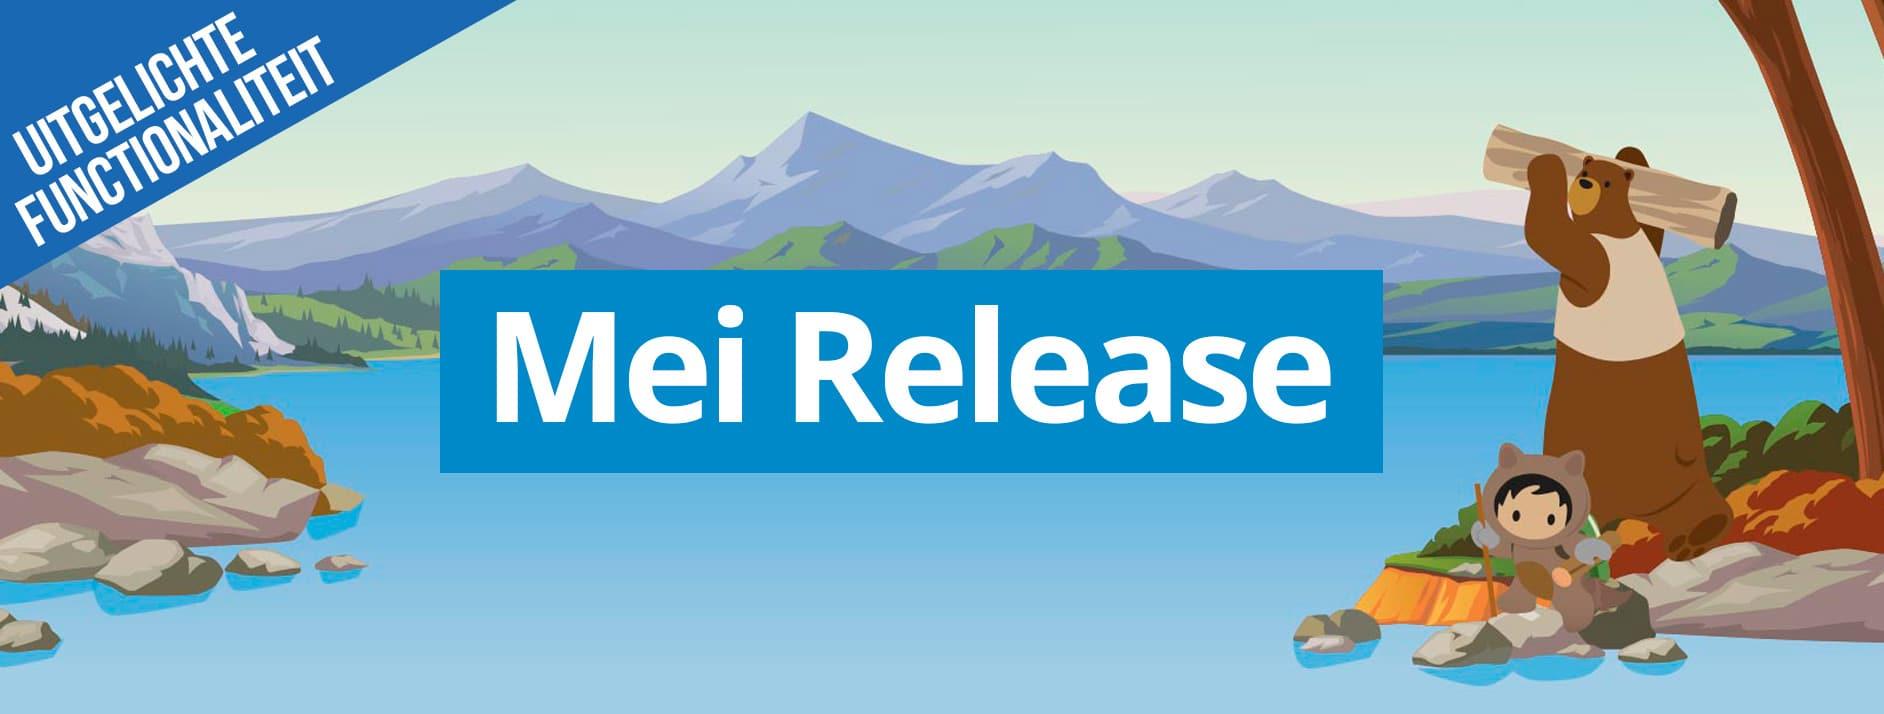 Netive VMS mei release